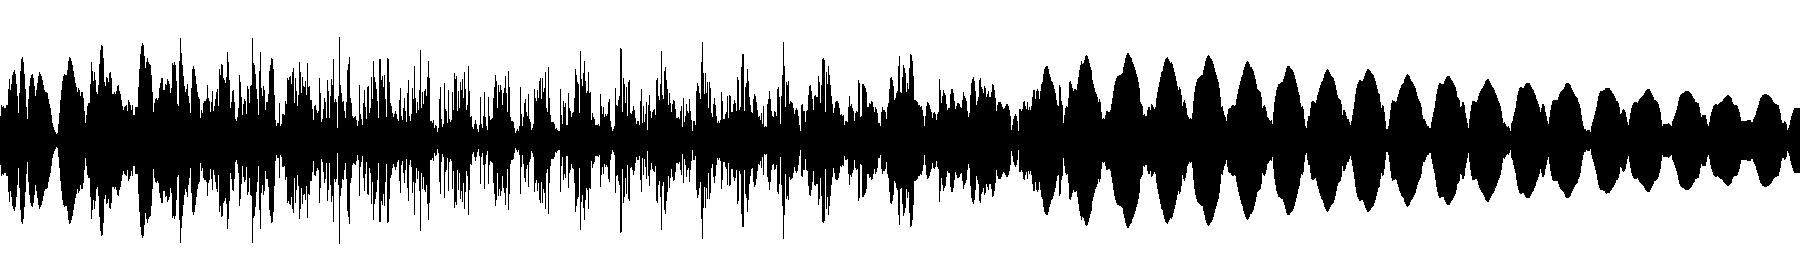 veh2 synths   145 c